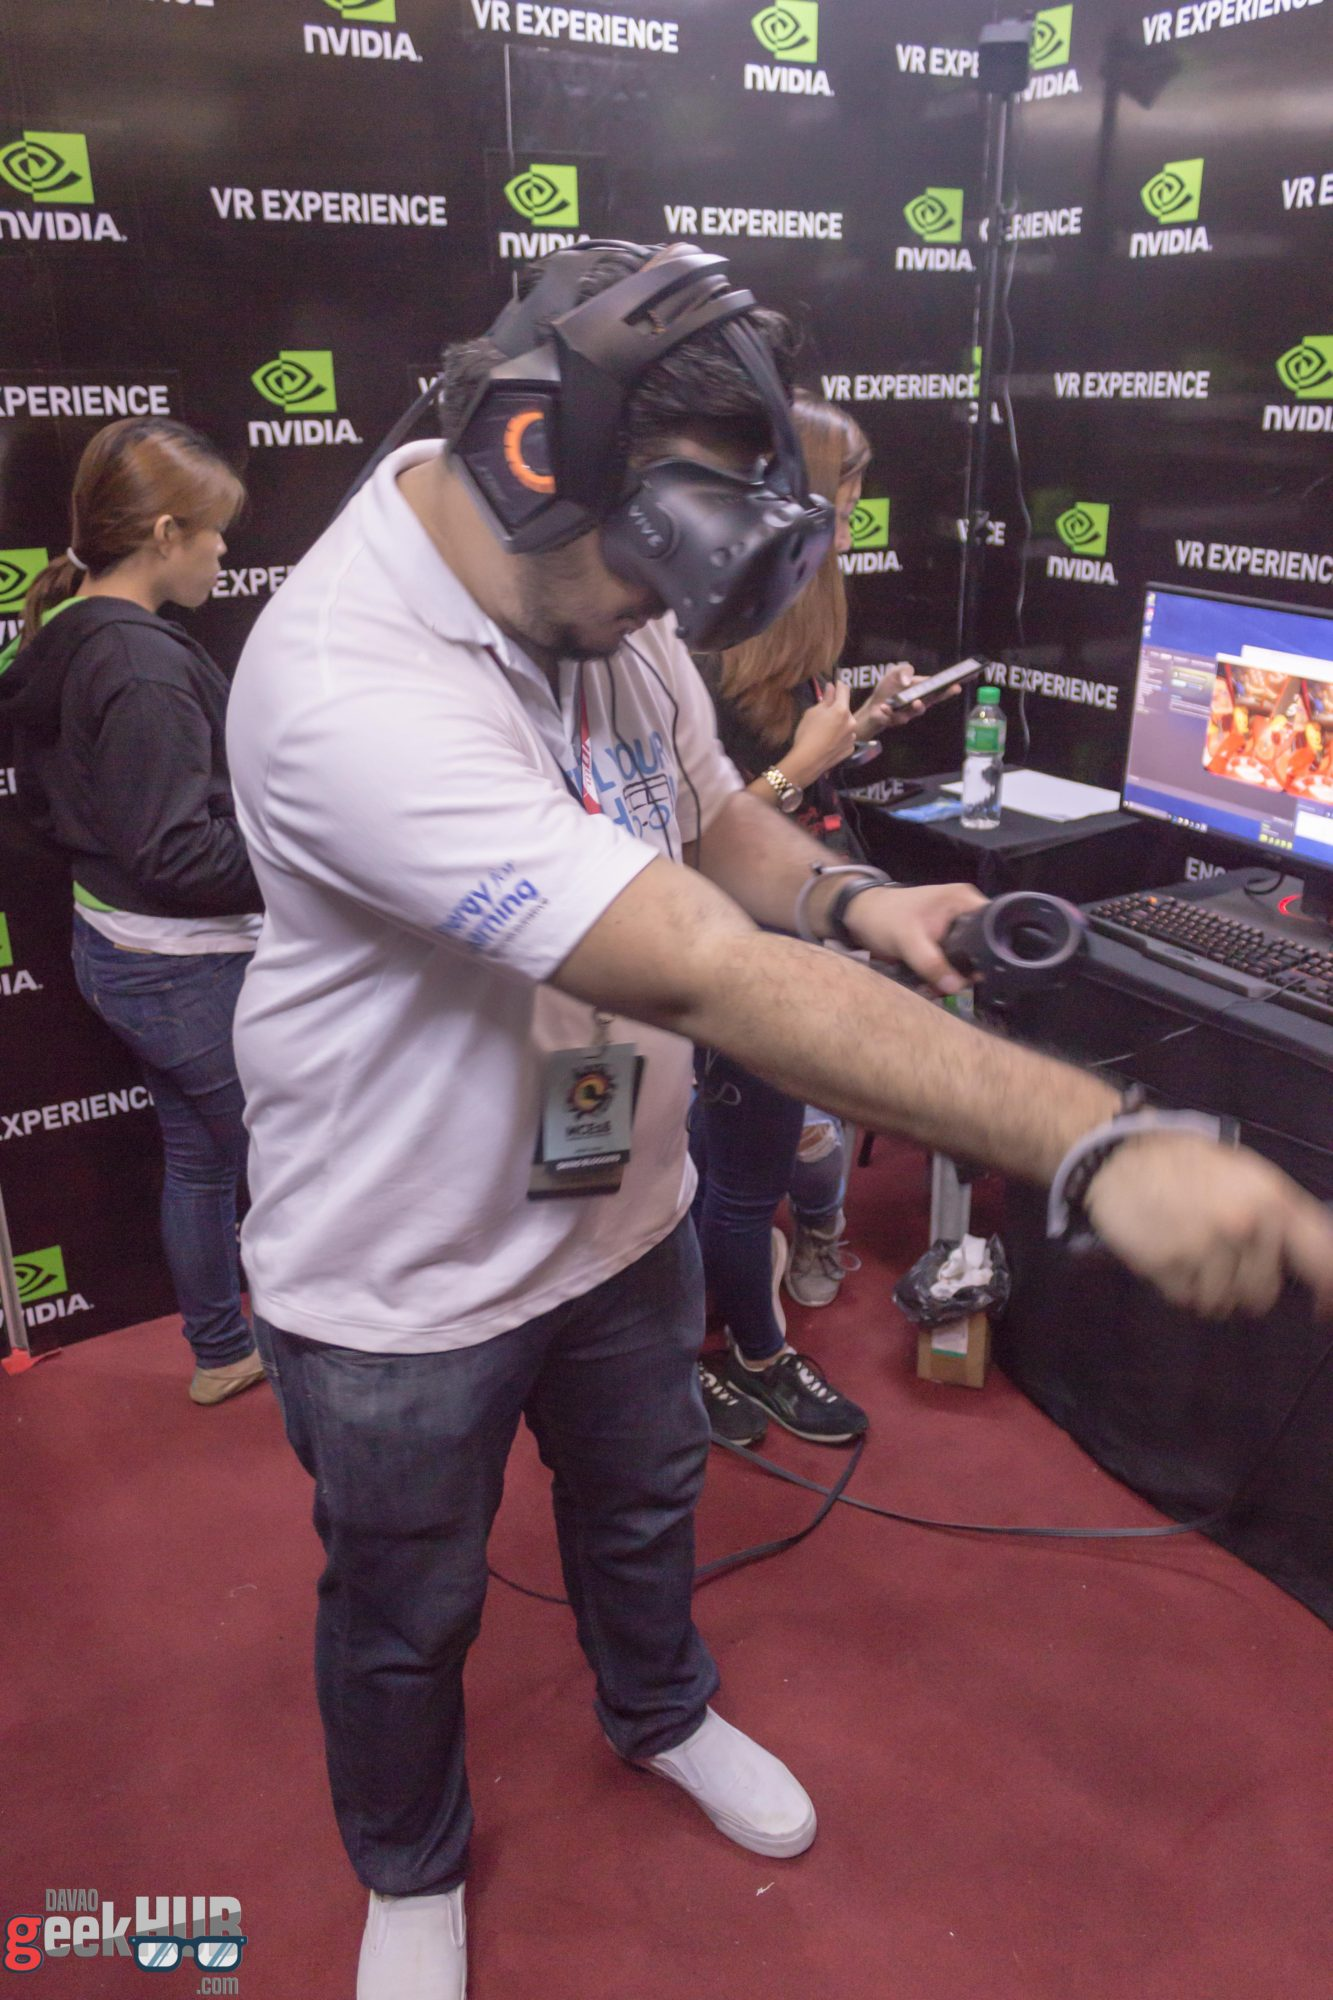 Nvidia VR Experience 2